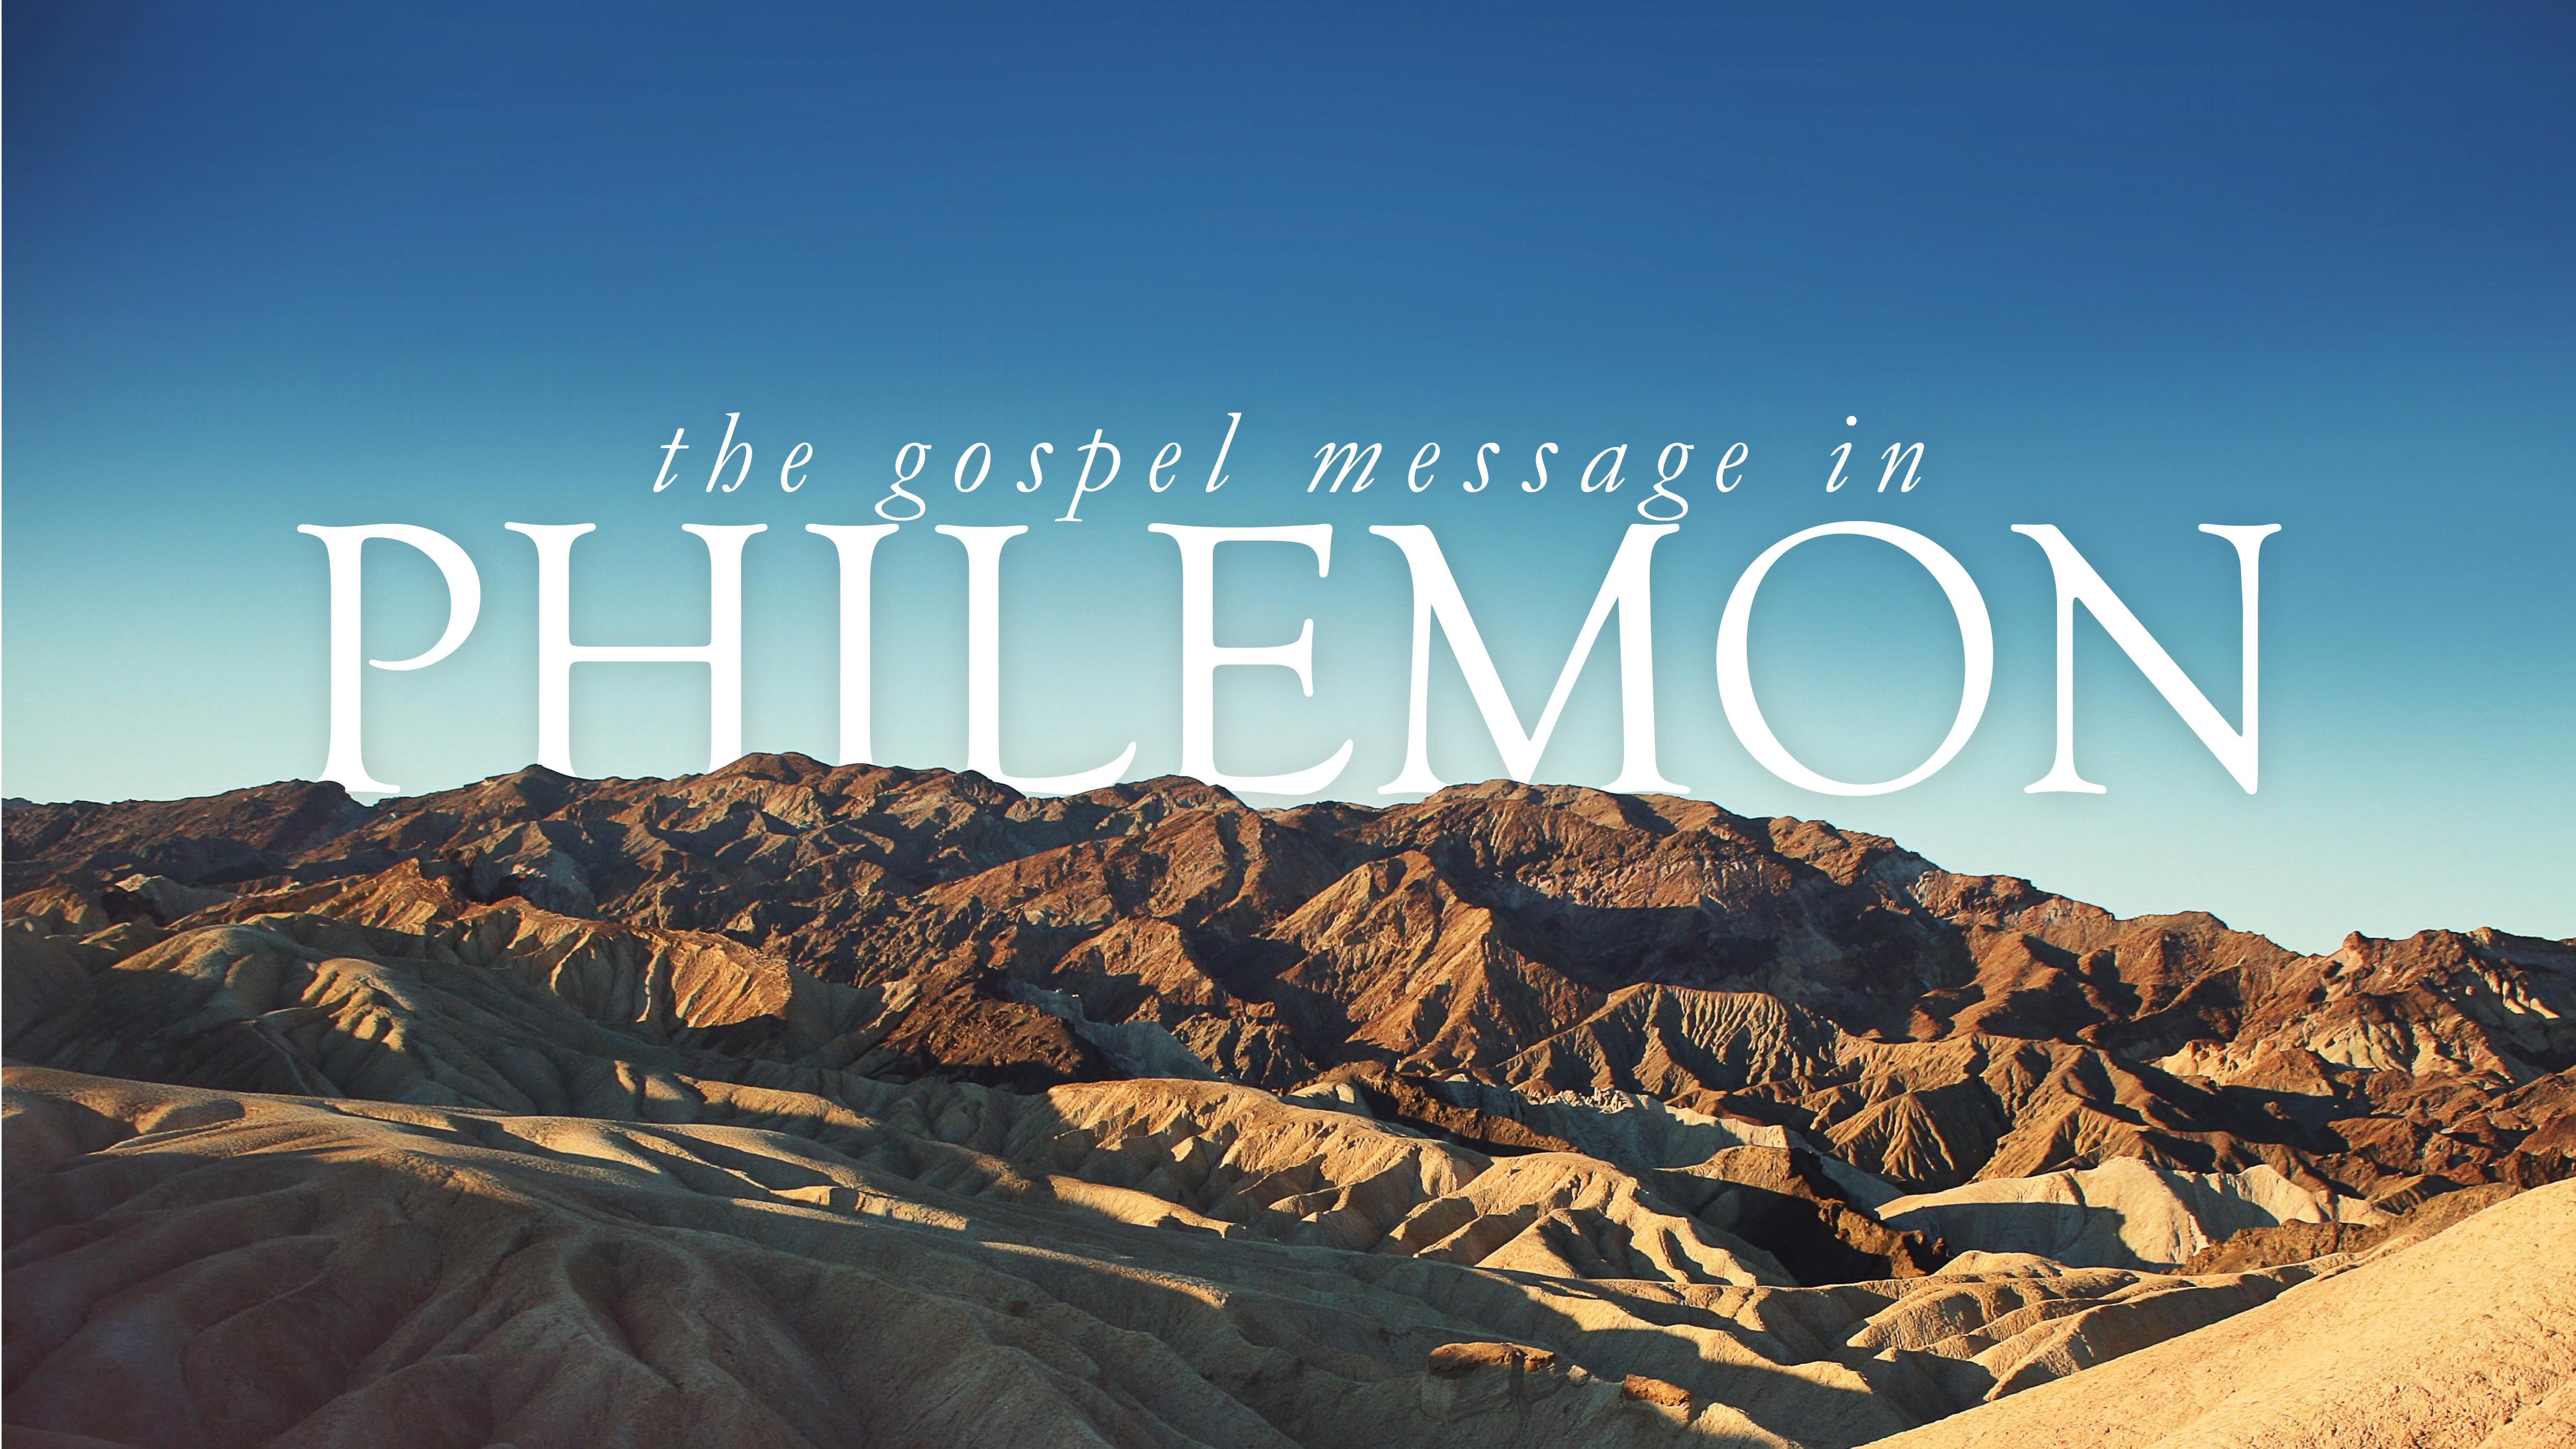 Philemon 1-7